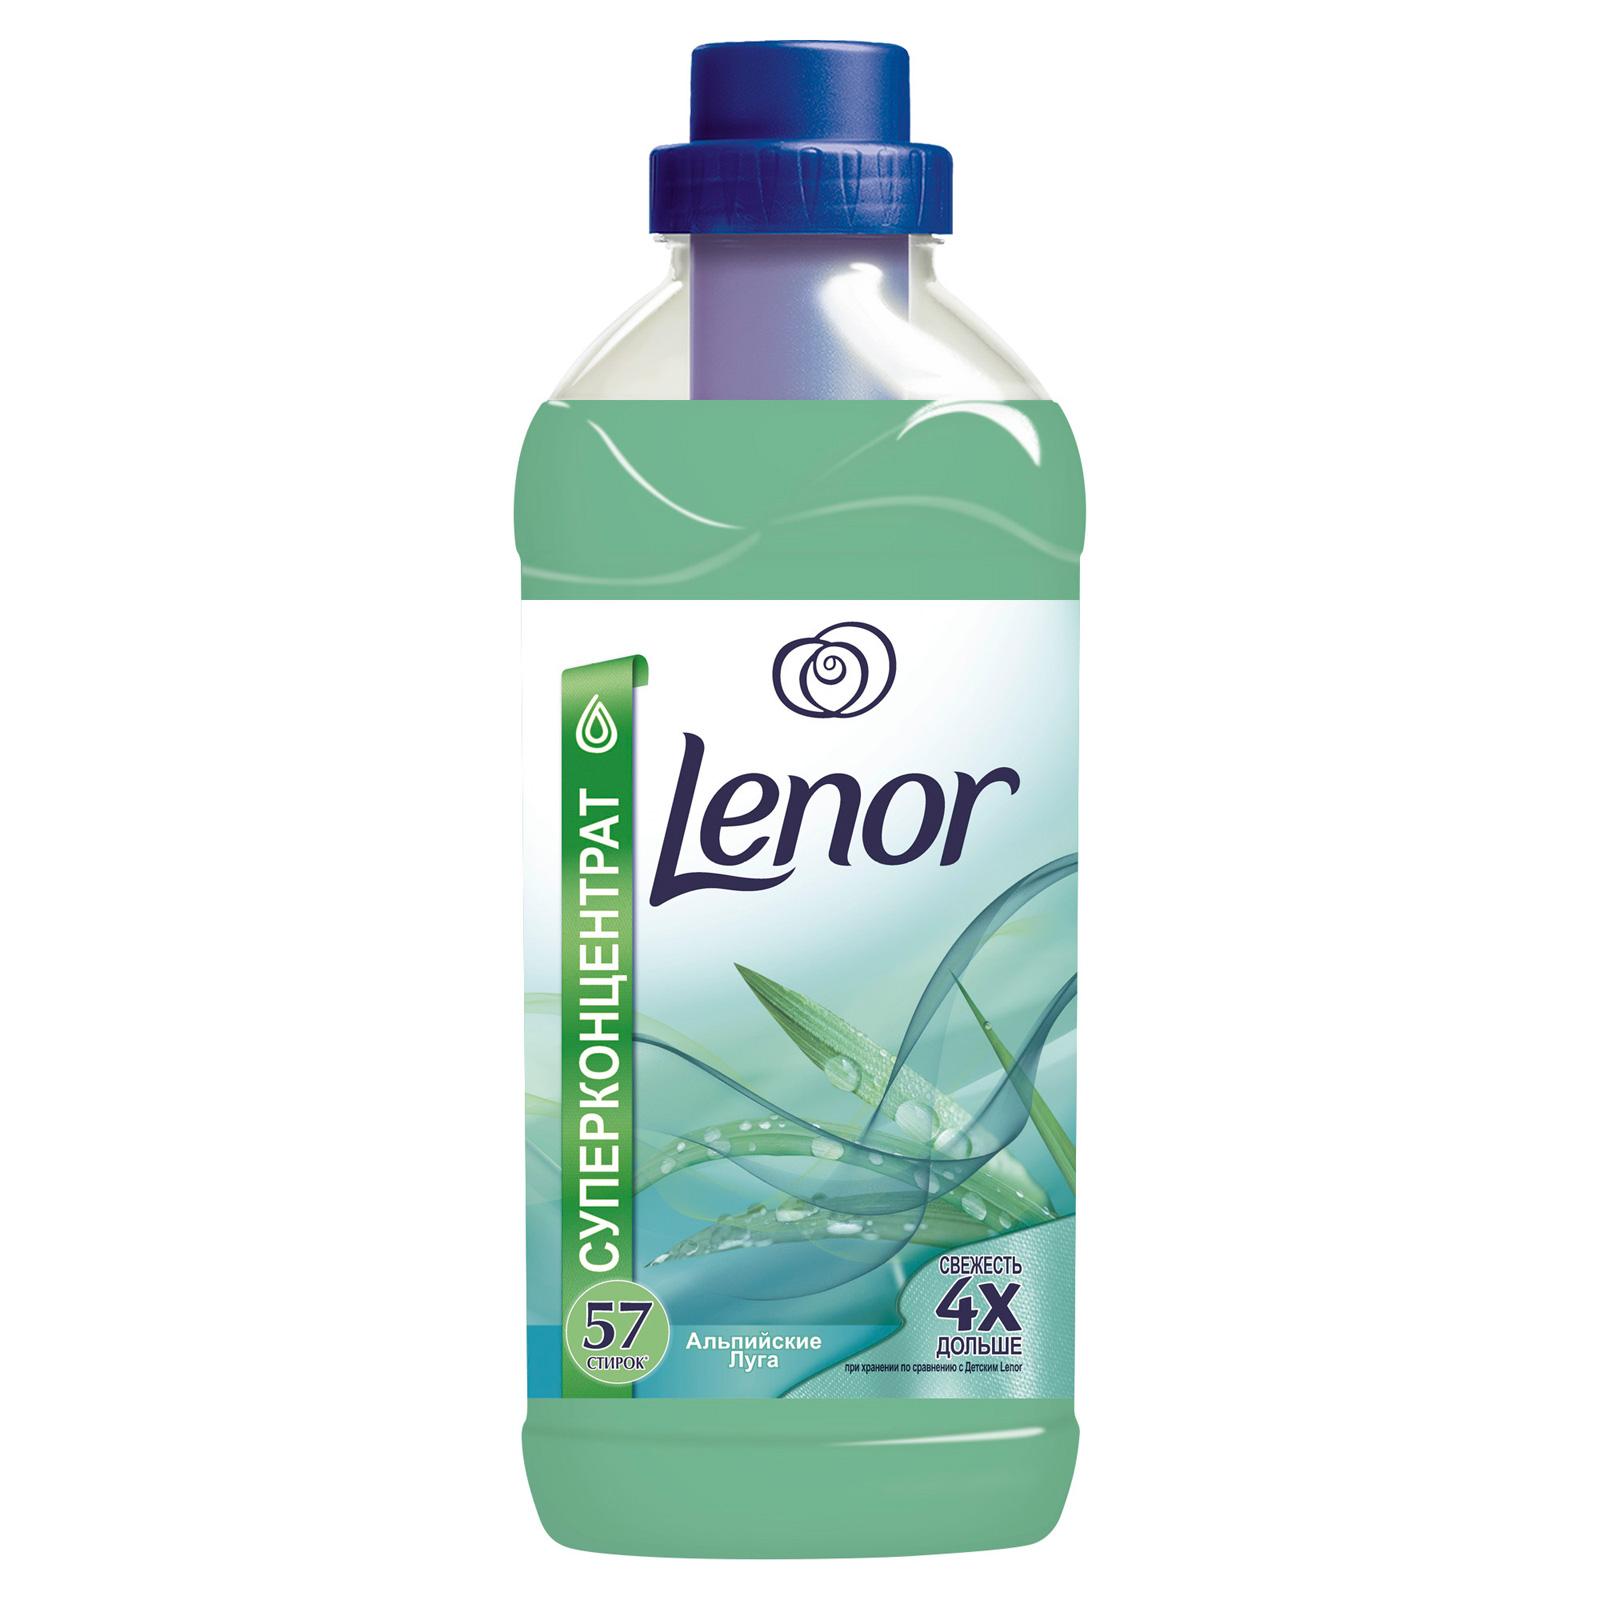 Кондиционер для белья Lenor 2 л Луга 2л (57стирок)<br>